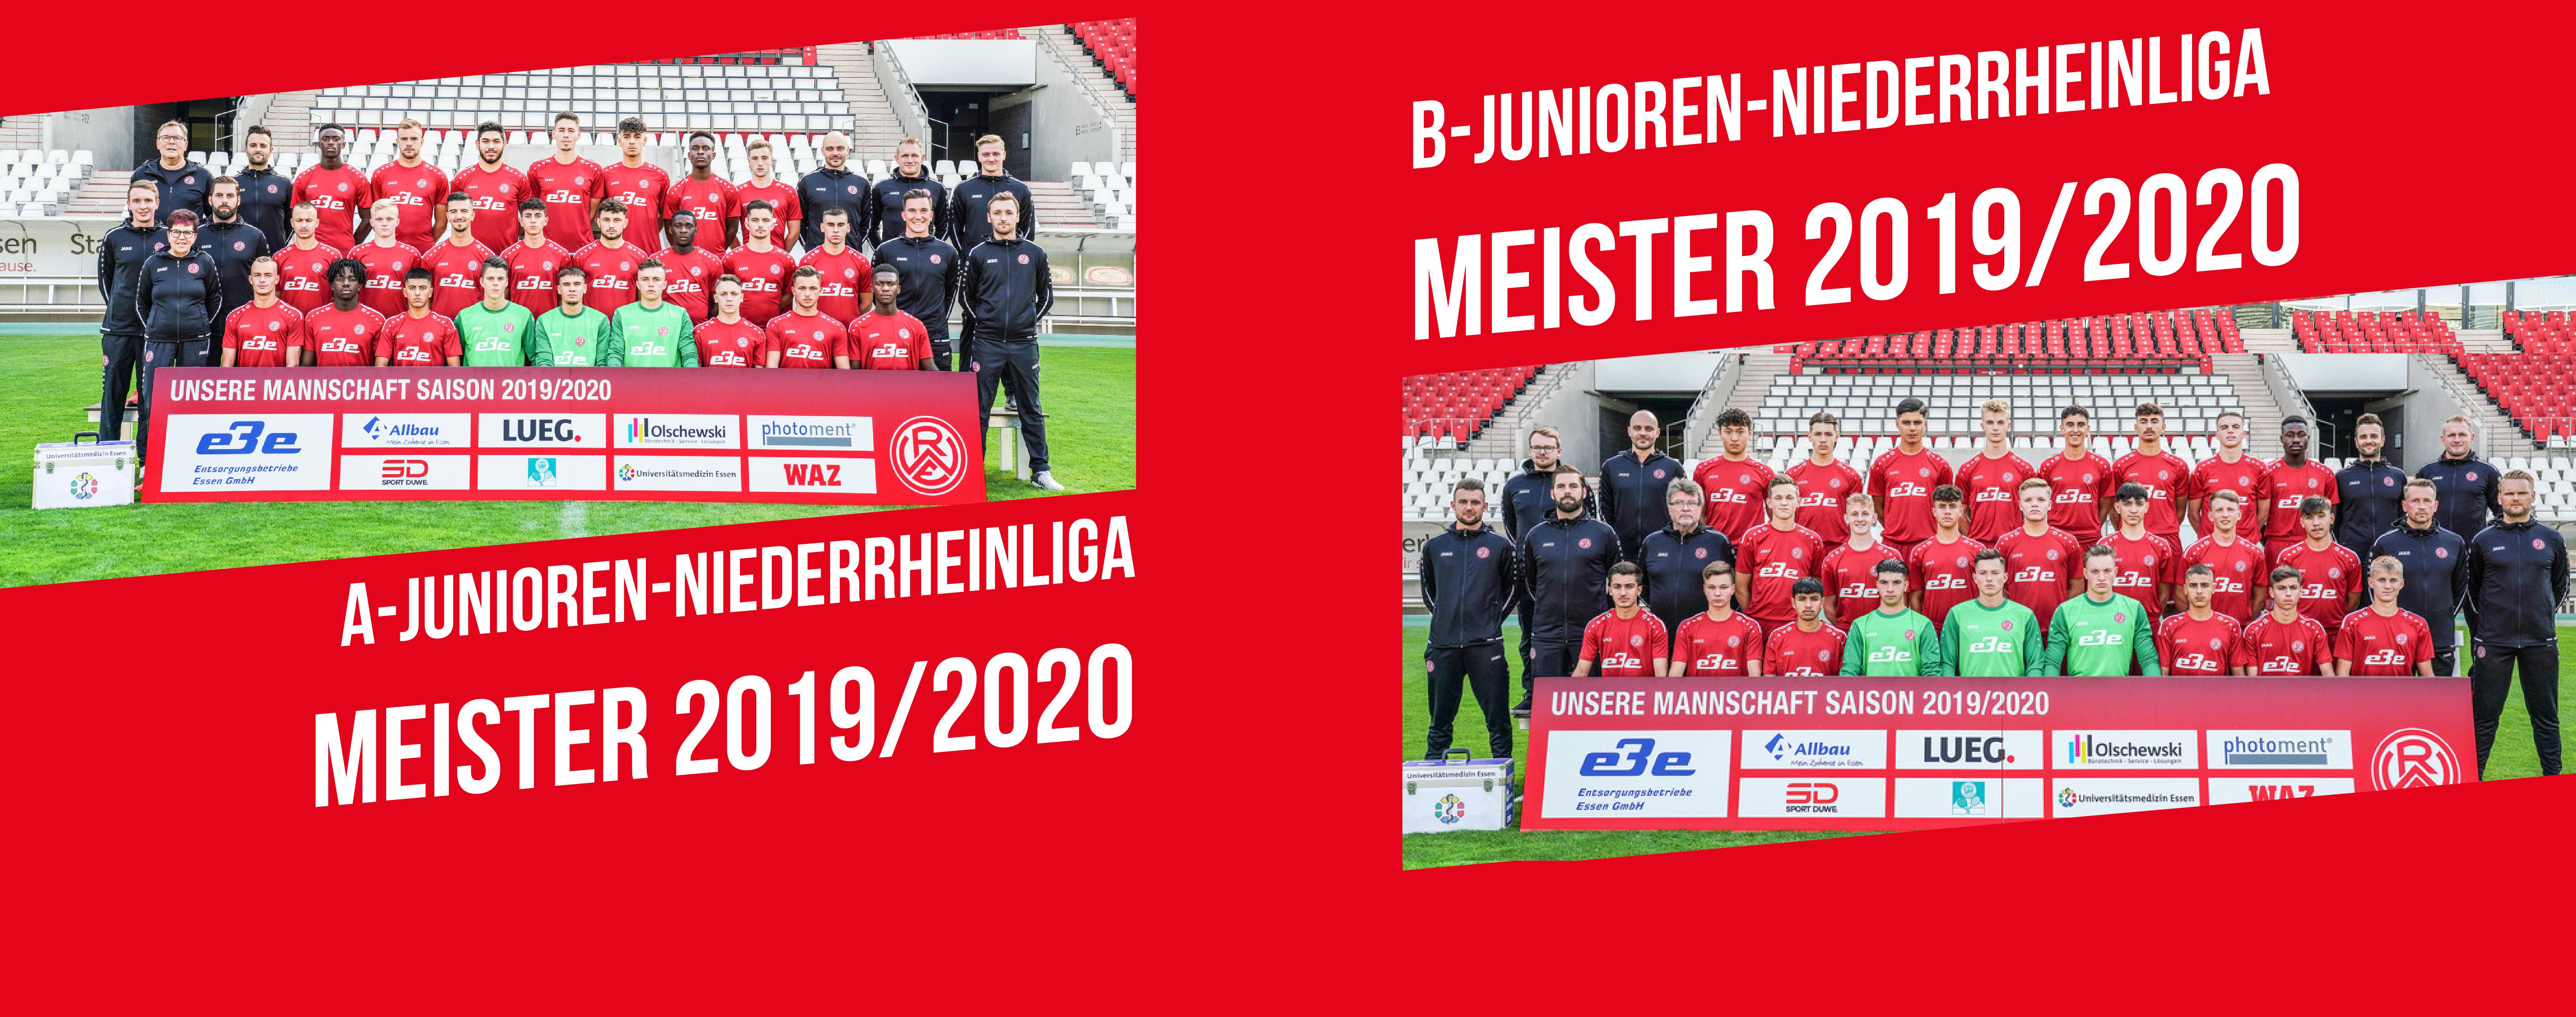 Der rot-weisse Nachwuchs ist zurück im Oberhaus: Mit großer Mehrheit stimmte der Fußballverband Niederrhein allen Anträgen erwartungsgemäß zu.